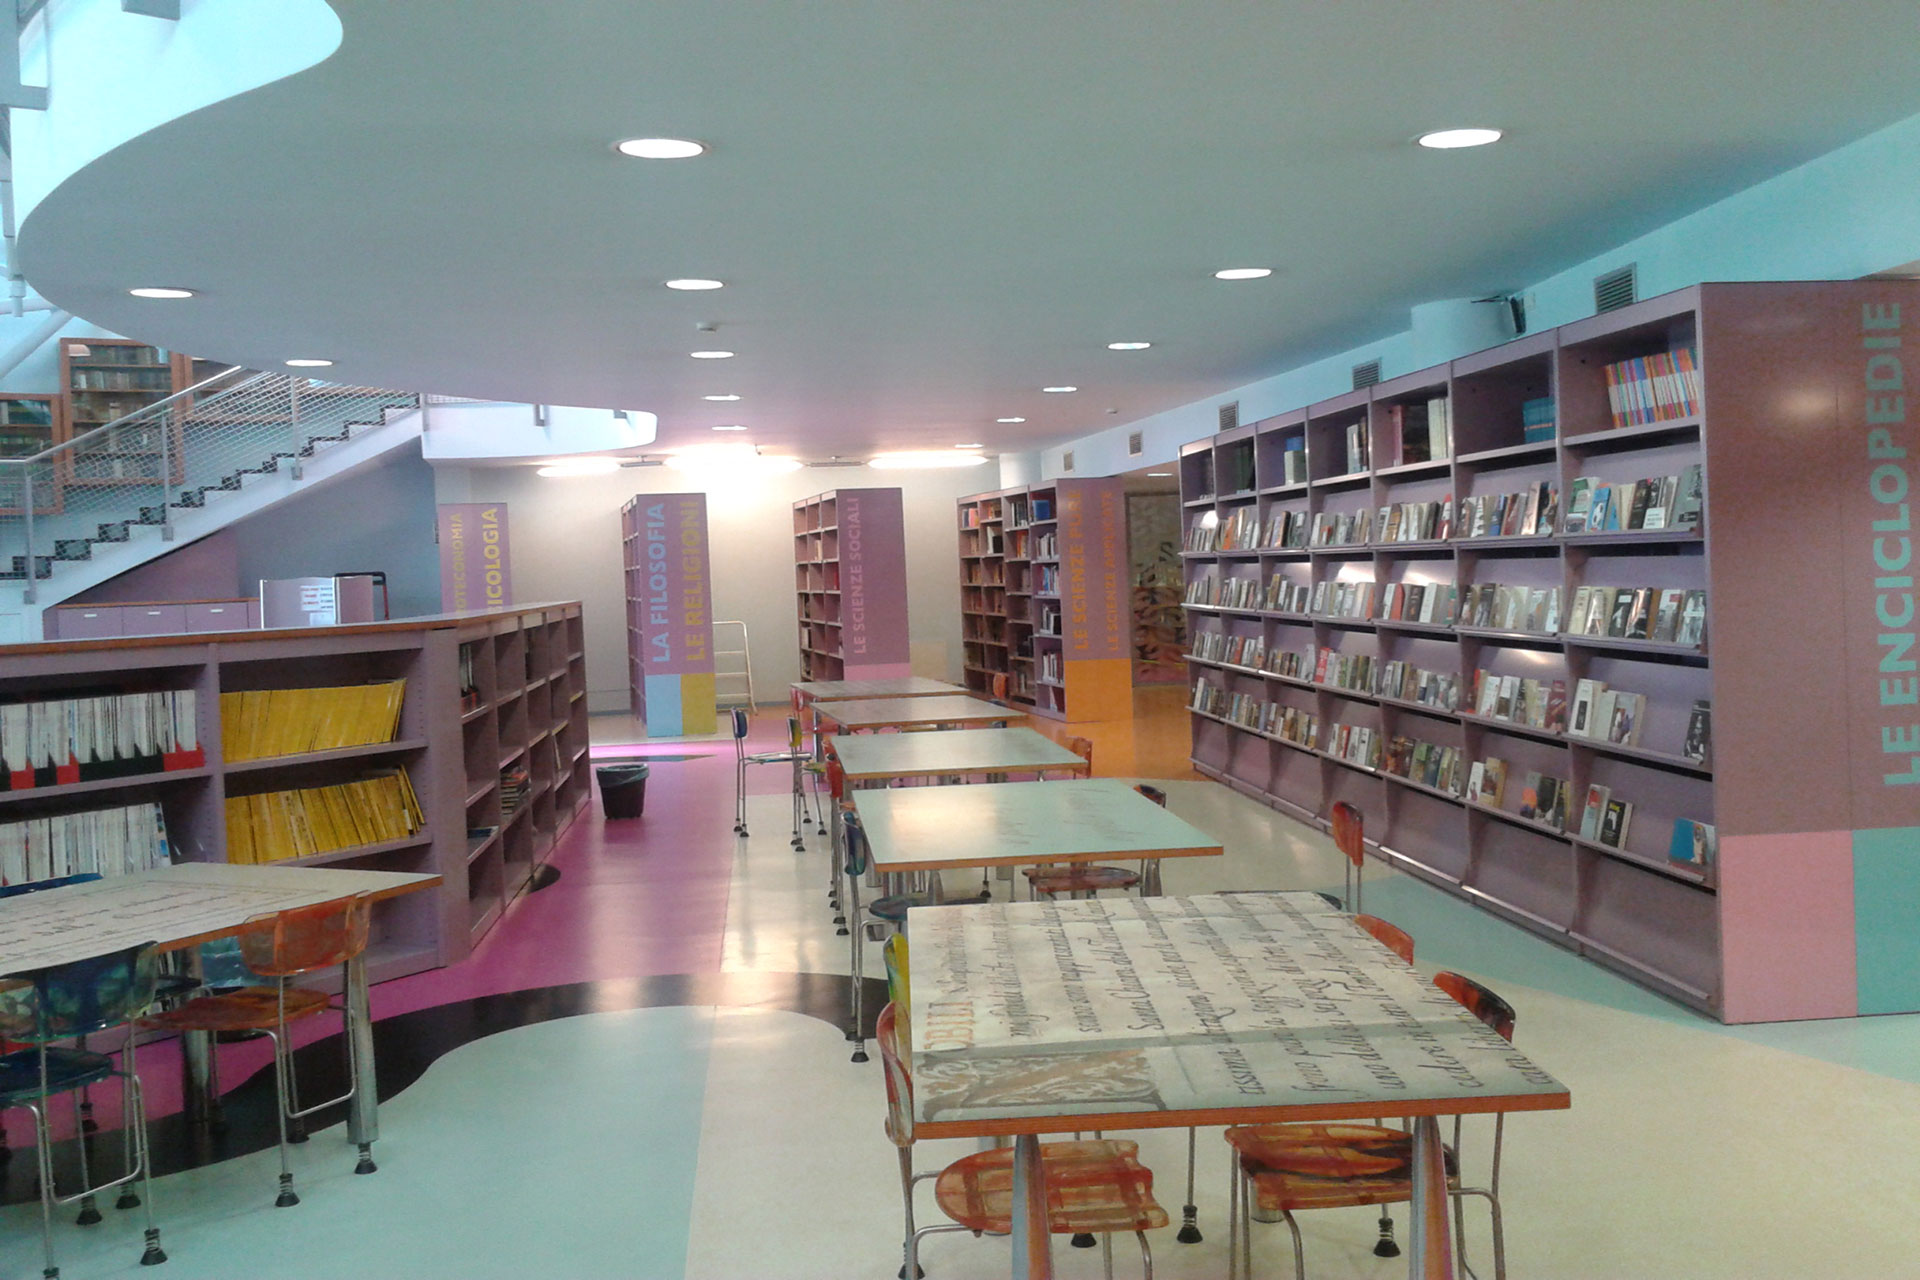 Scaffalature Metalliche E Componibili Napoli.F Lli Gionchetti Srl Arredamenti Per Biblioteche Universita E Archivi